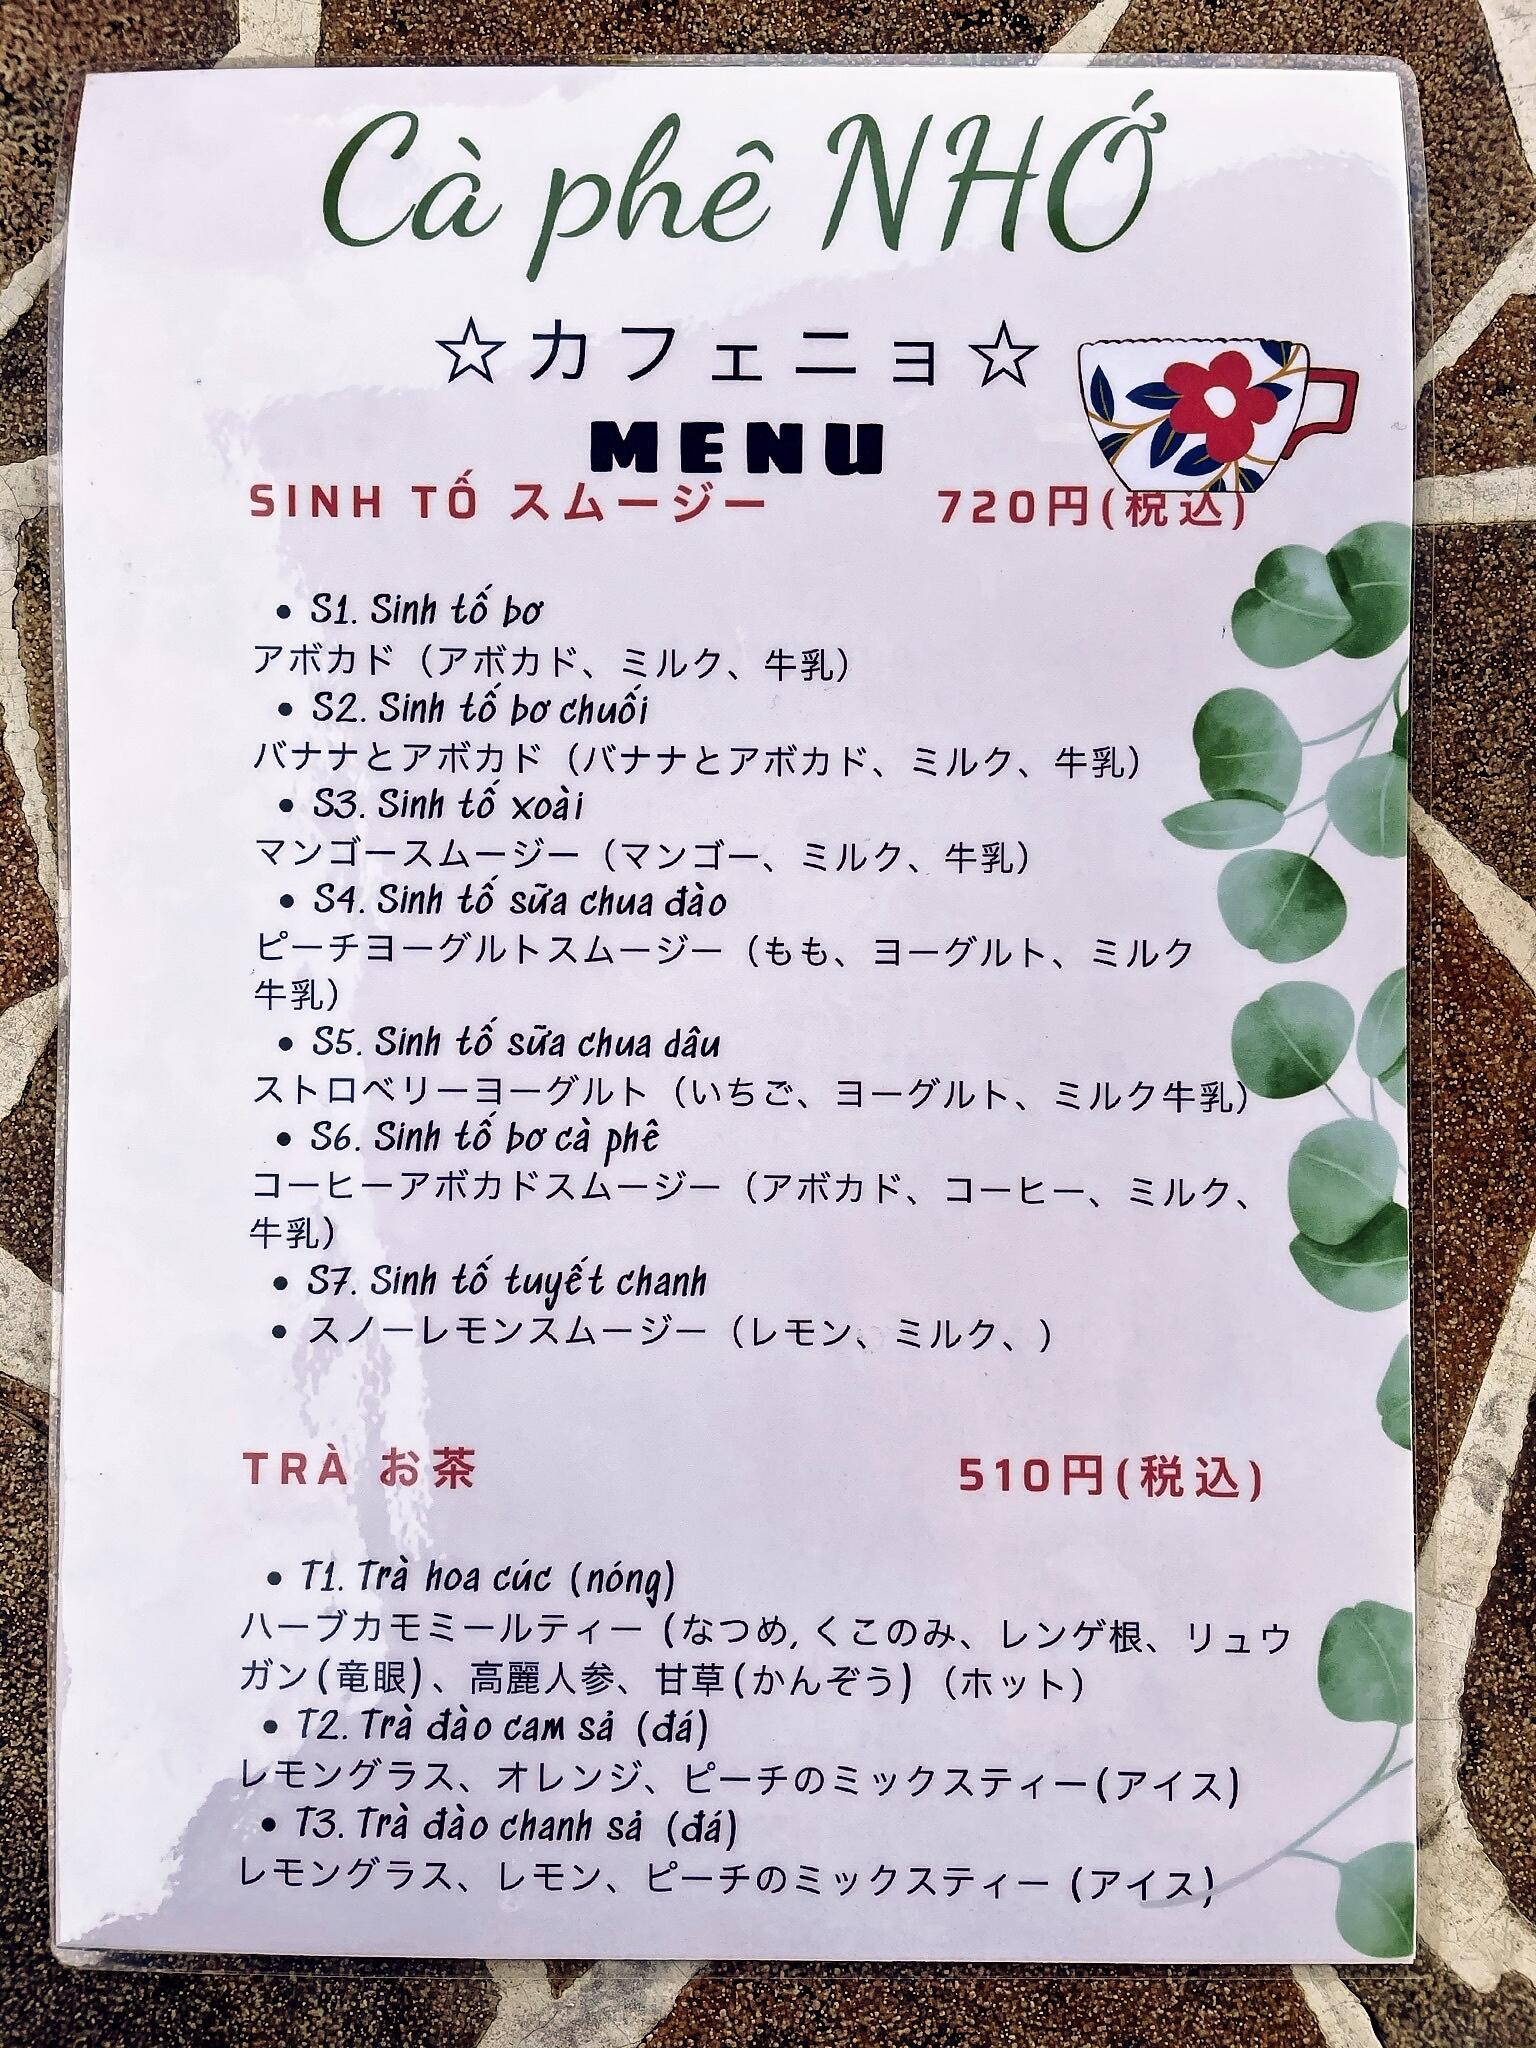 【愛知県東海市】子ども・ペット連れに優しいガーデンカフェ「カフェニョ(Cà Phê NHỚ)」